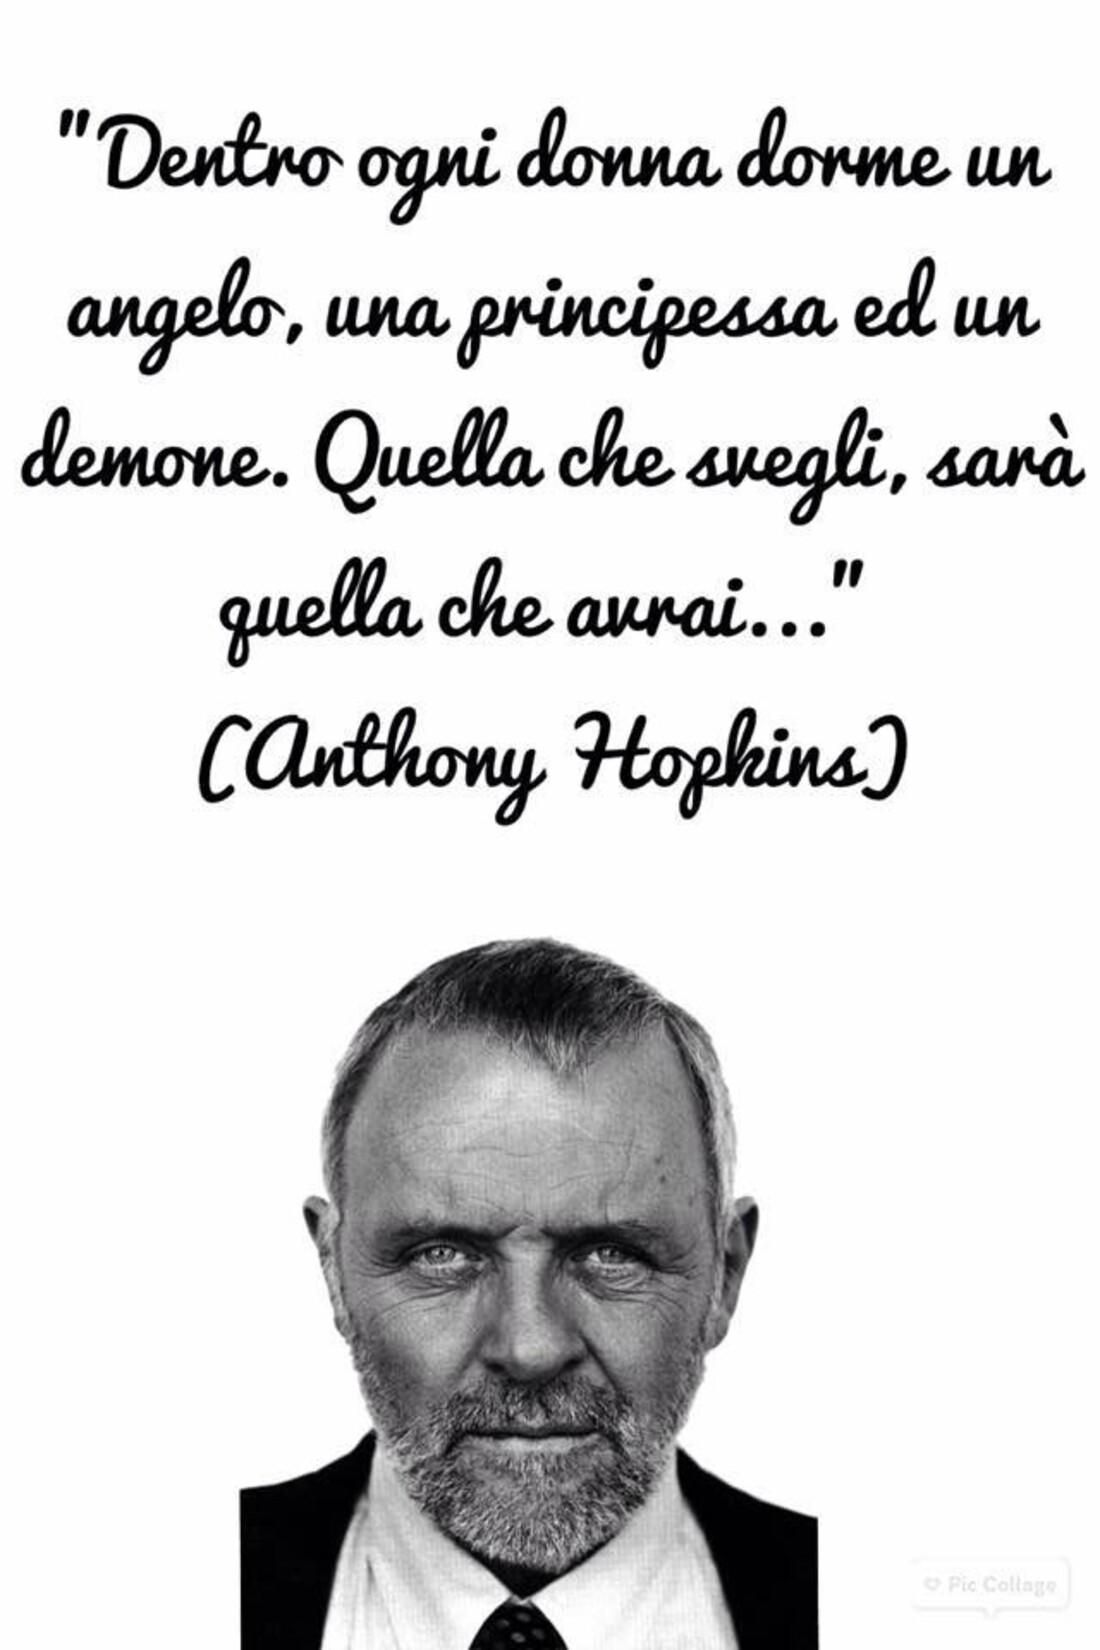 """""""Dentro ogni donna dorme un angelo, una principessa ed un demone. Quella che svegli, sarà quella che avrai...""""(Anthony Hophins)"""